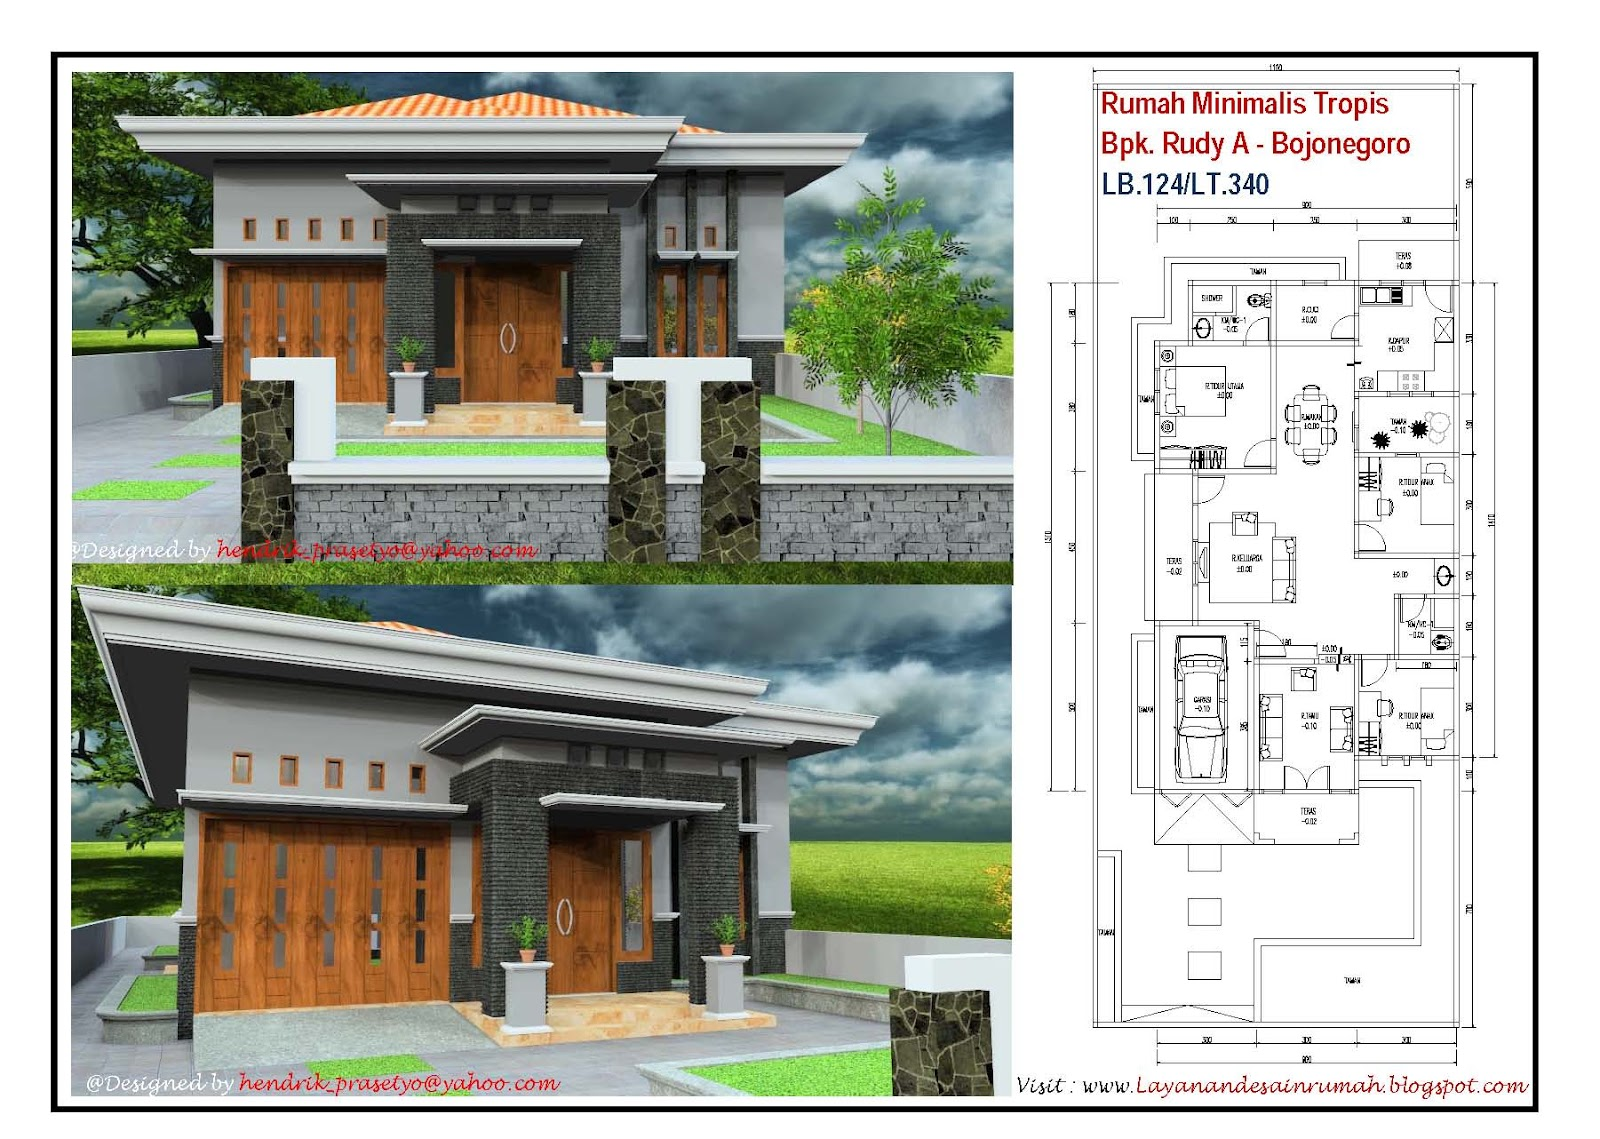 Layanan Jasa Desain Rumah Rumah Minimalis Tropis Bpk Rudy A